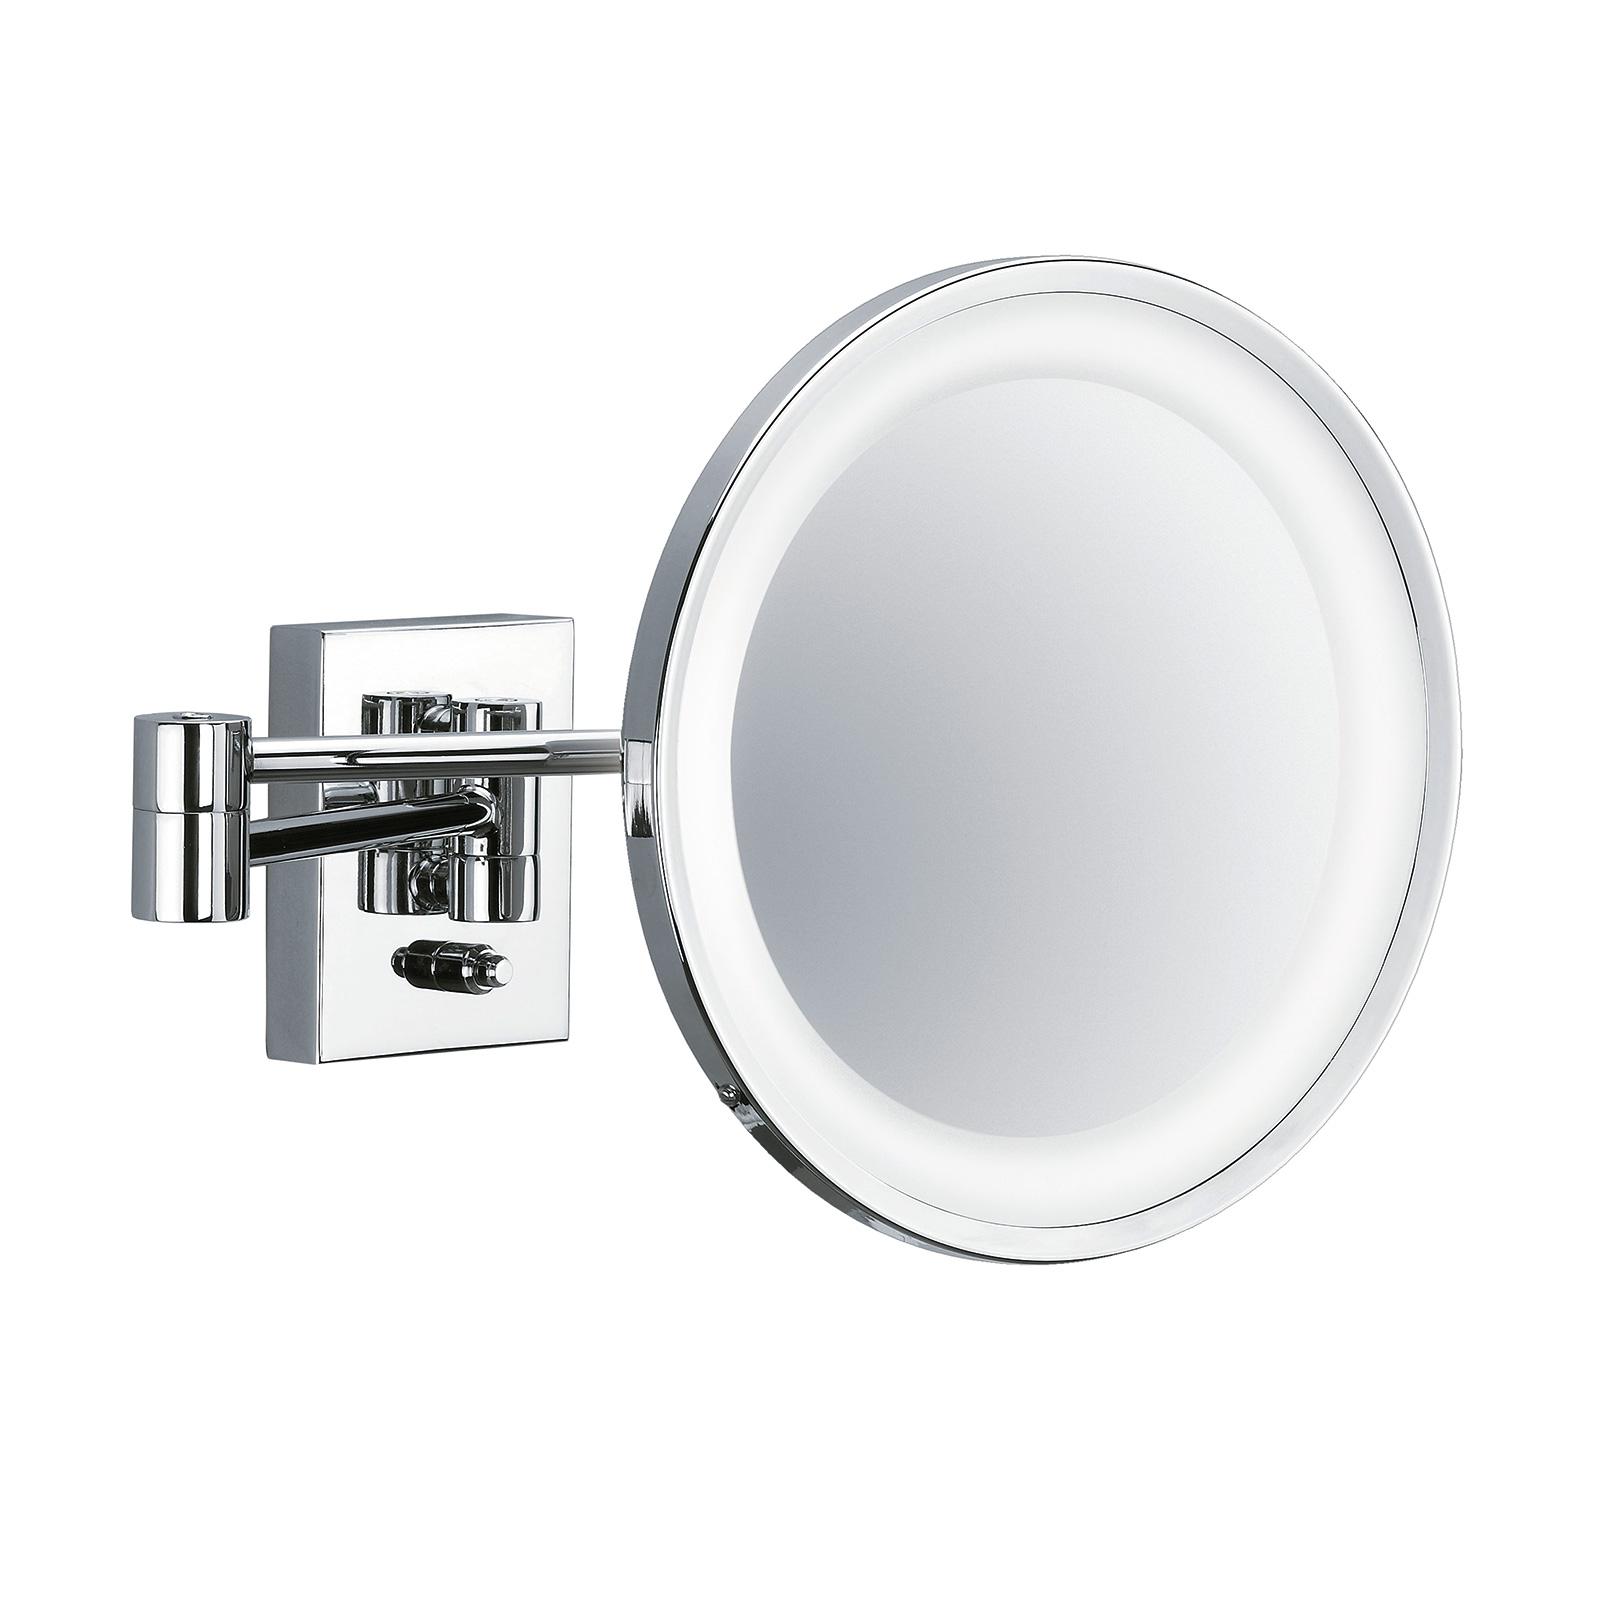 POINT - specchio cosmetico da parete, cromo